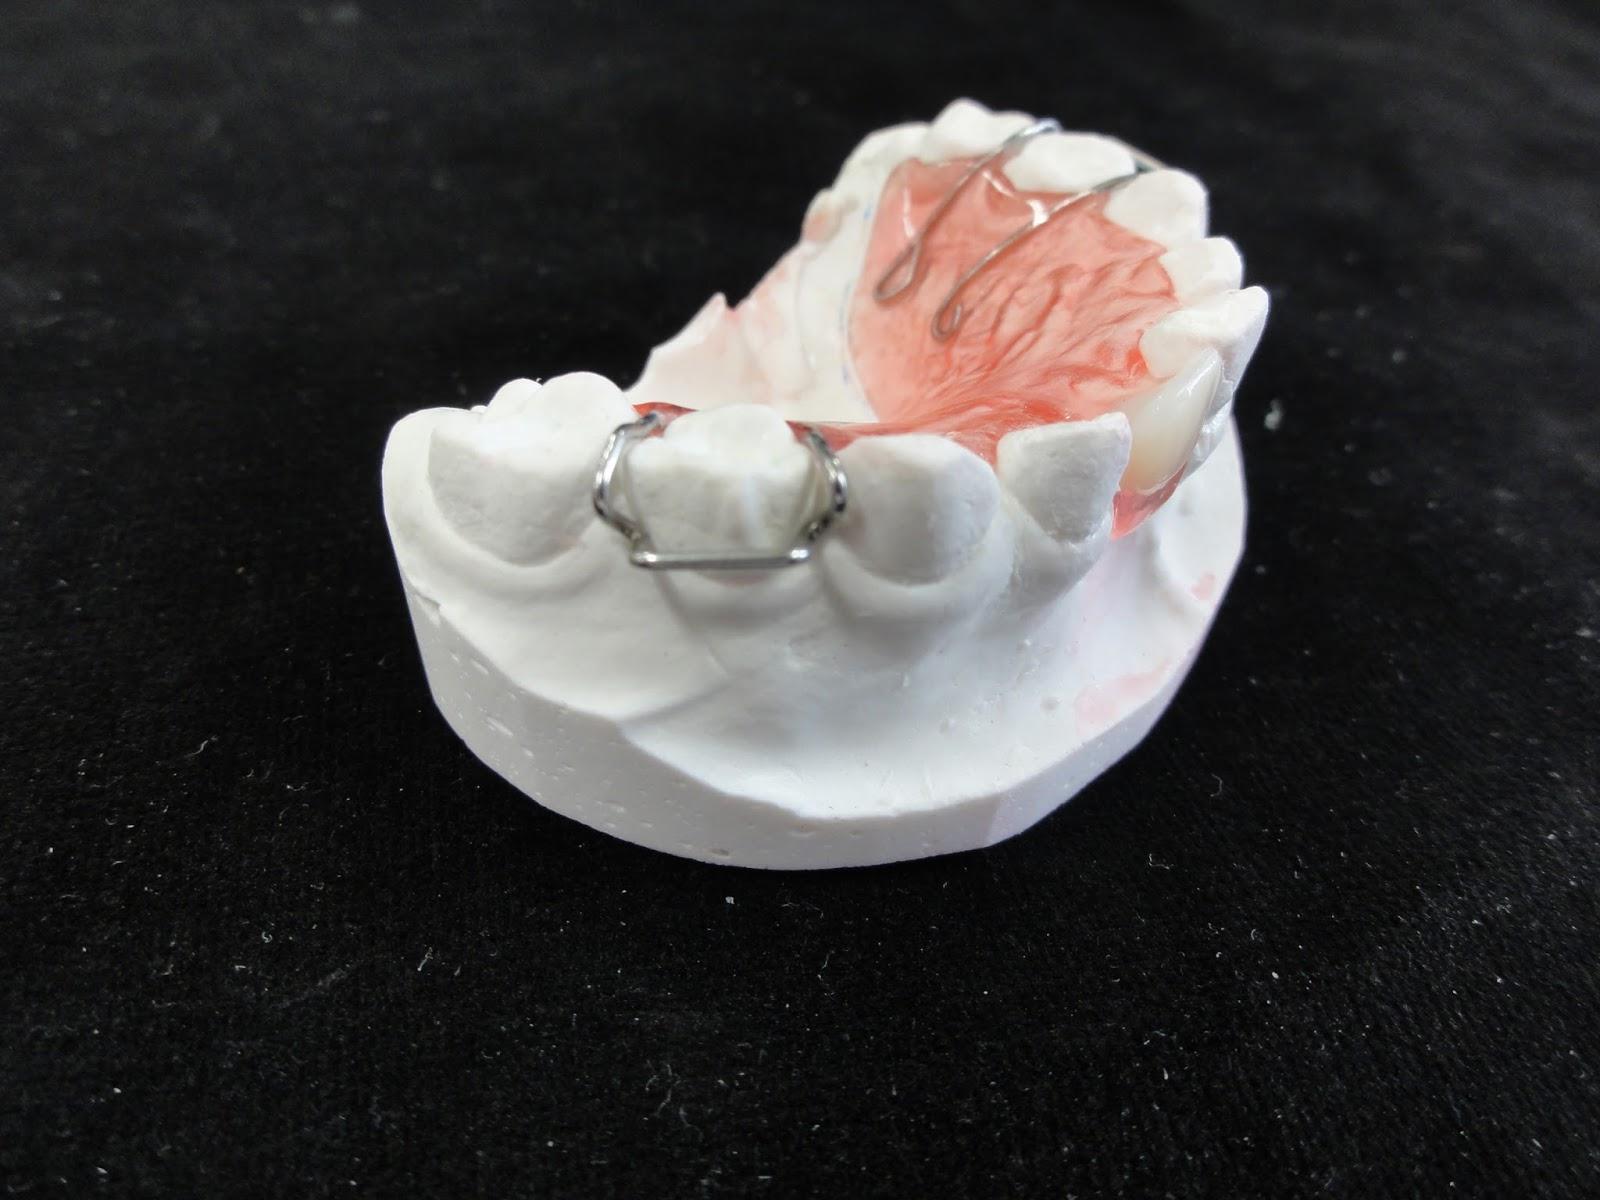 テーラーメイド歯科補綴修復物の紹介 Introduction of the tailor-maid dental prosthesis